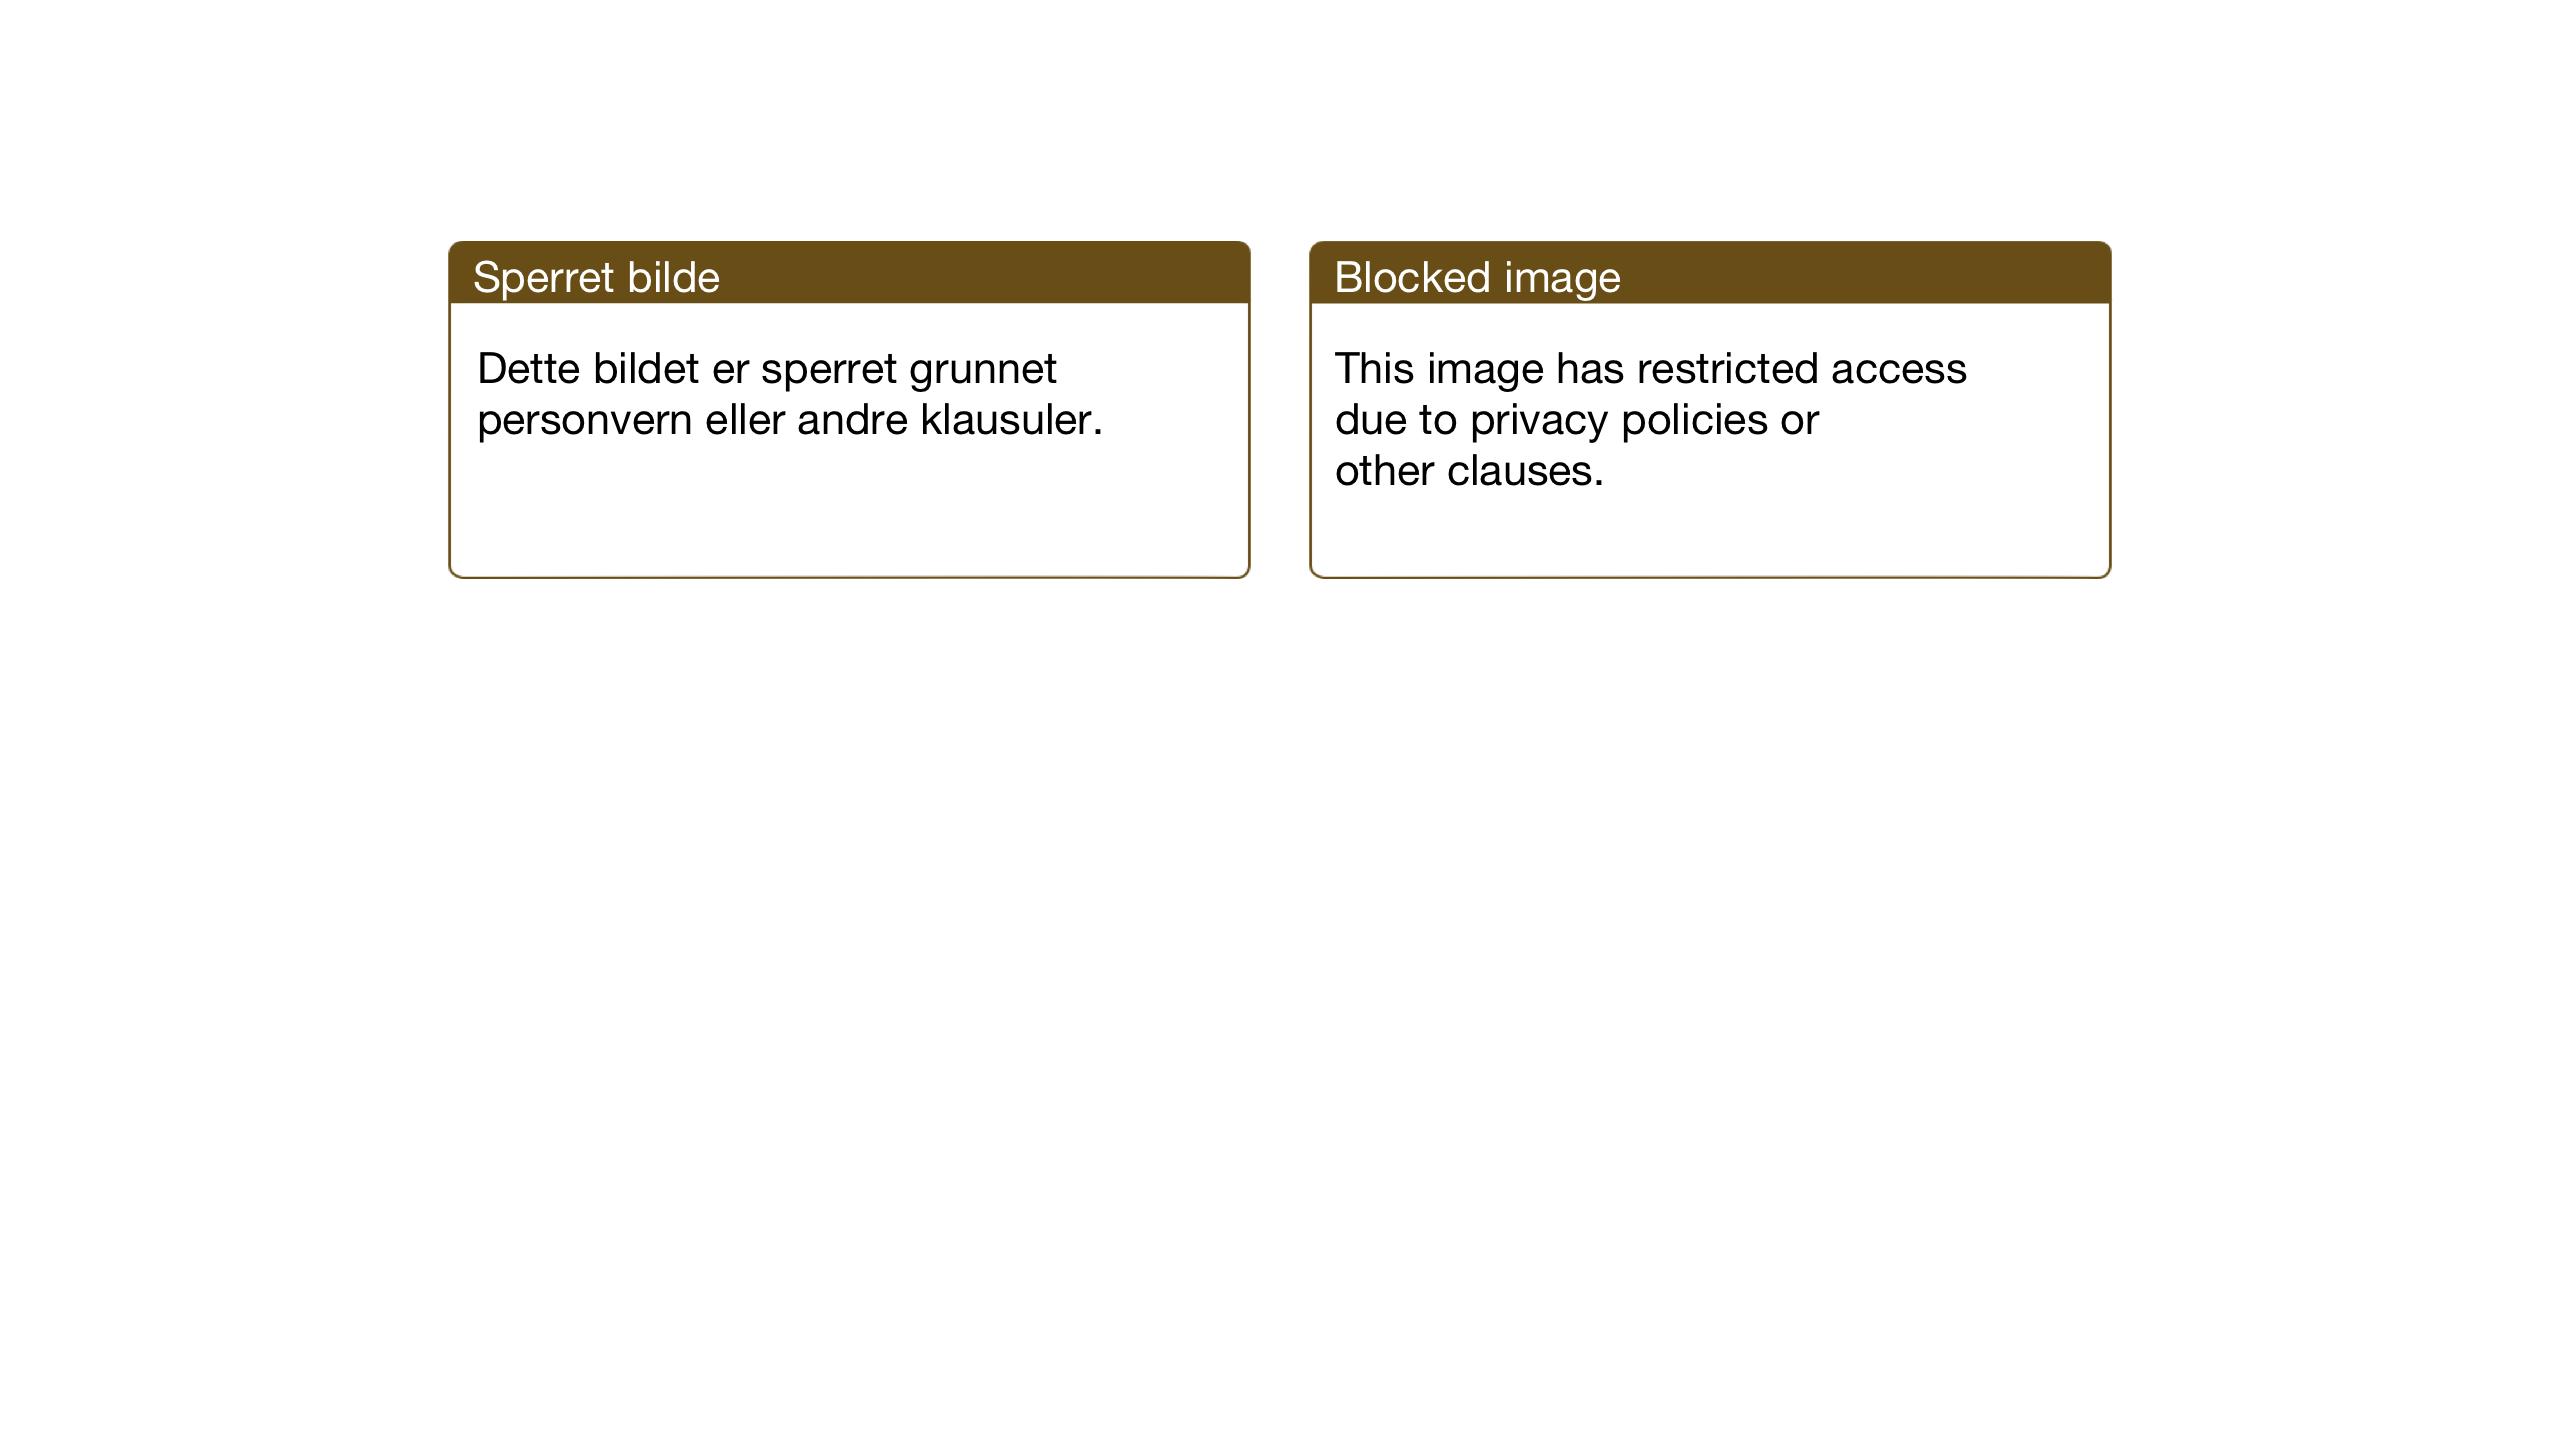 SAT, Ministerialprotokoller, klokkerbøker og fødselsregistre - Sør-Trøndelag, 603/L0174: Klokkerbok nr. 603C02, 1923-1951, s. 98